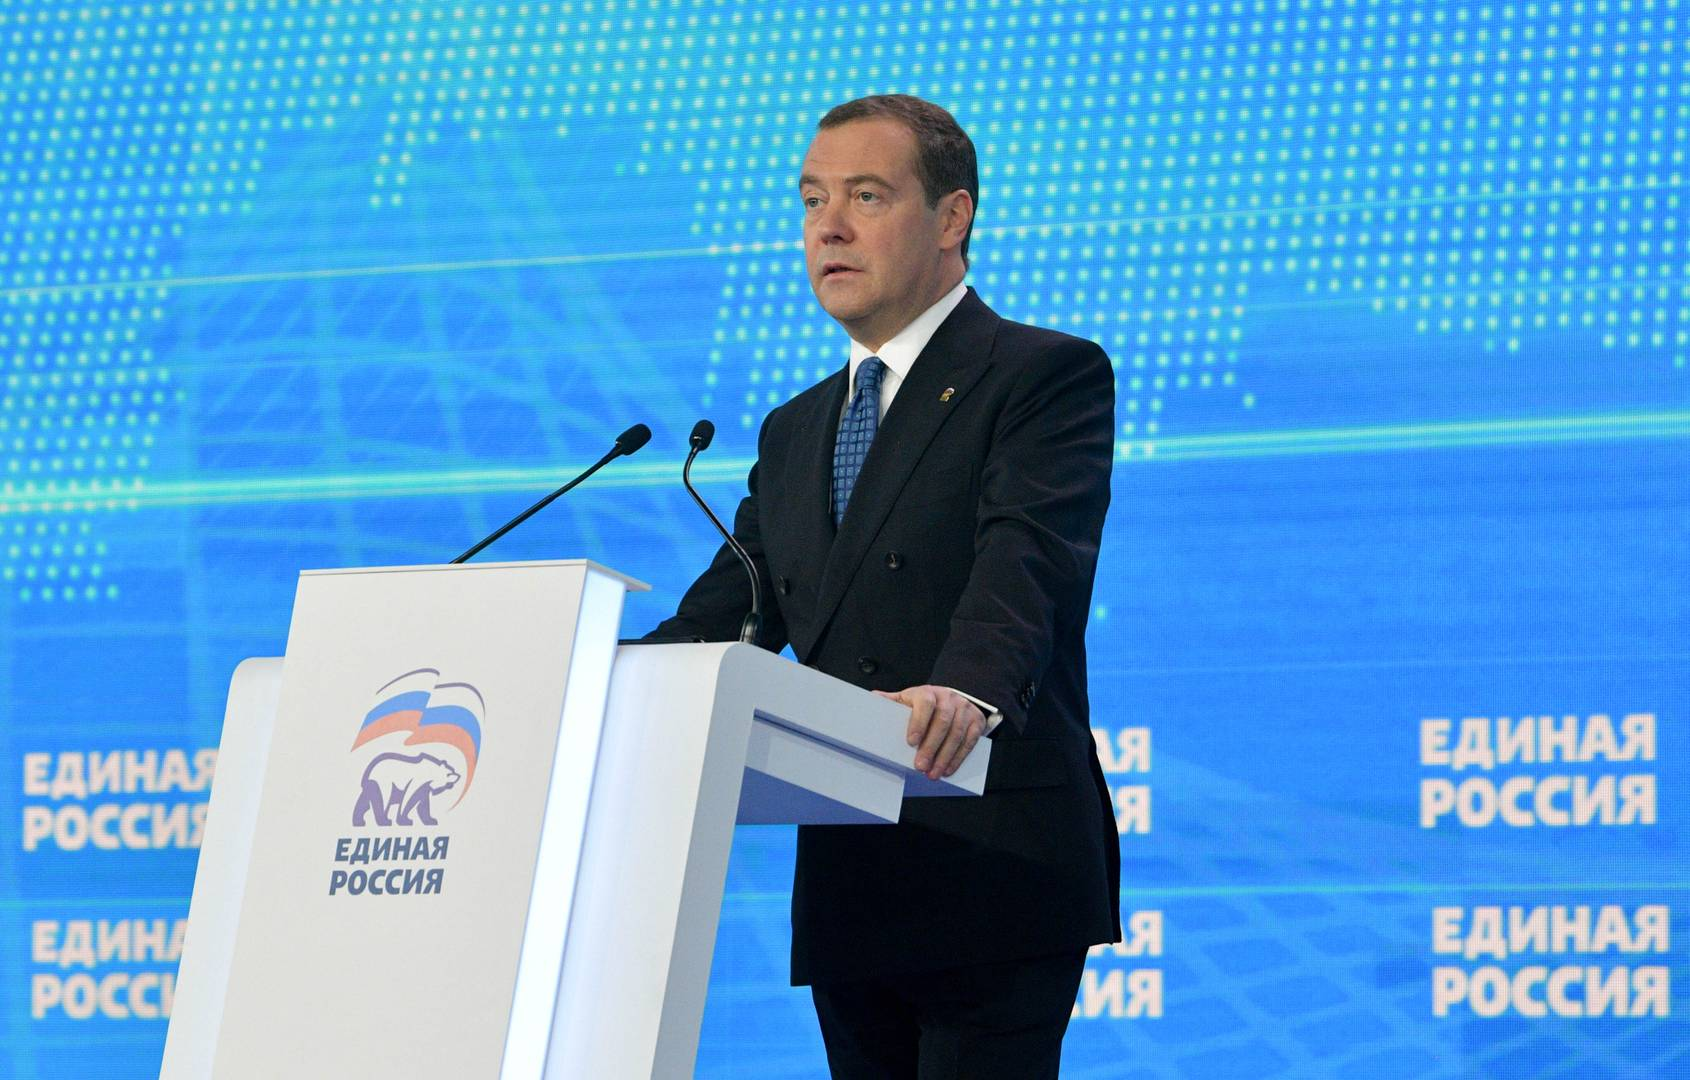 Выступление Дмитрия Медведева на XIX Съезде Всероссийской политической партии «Единая Россия»